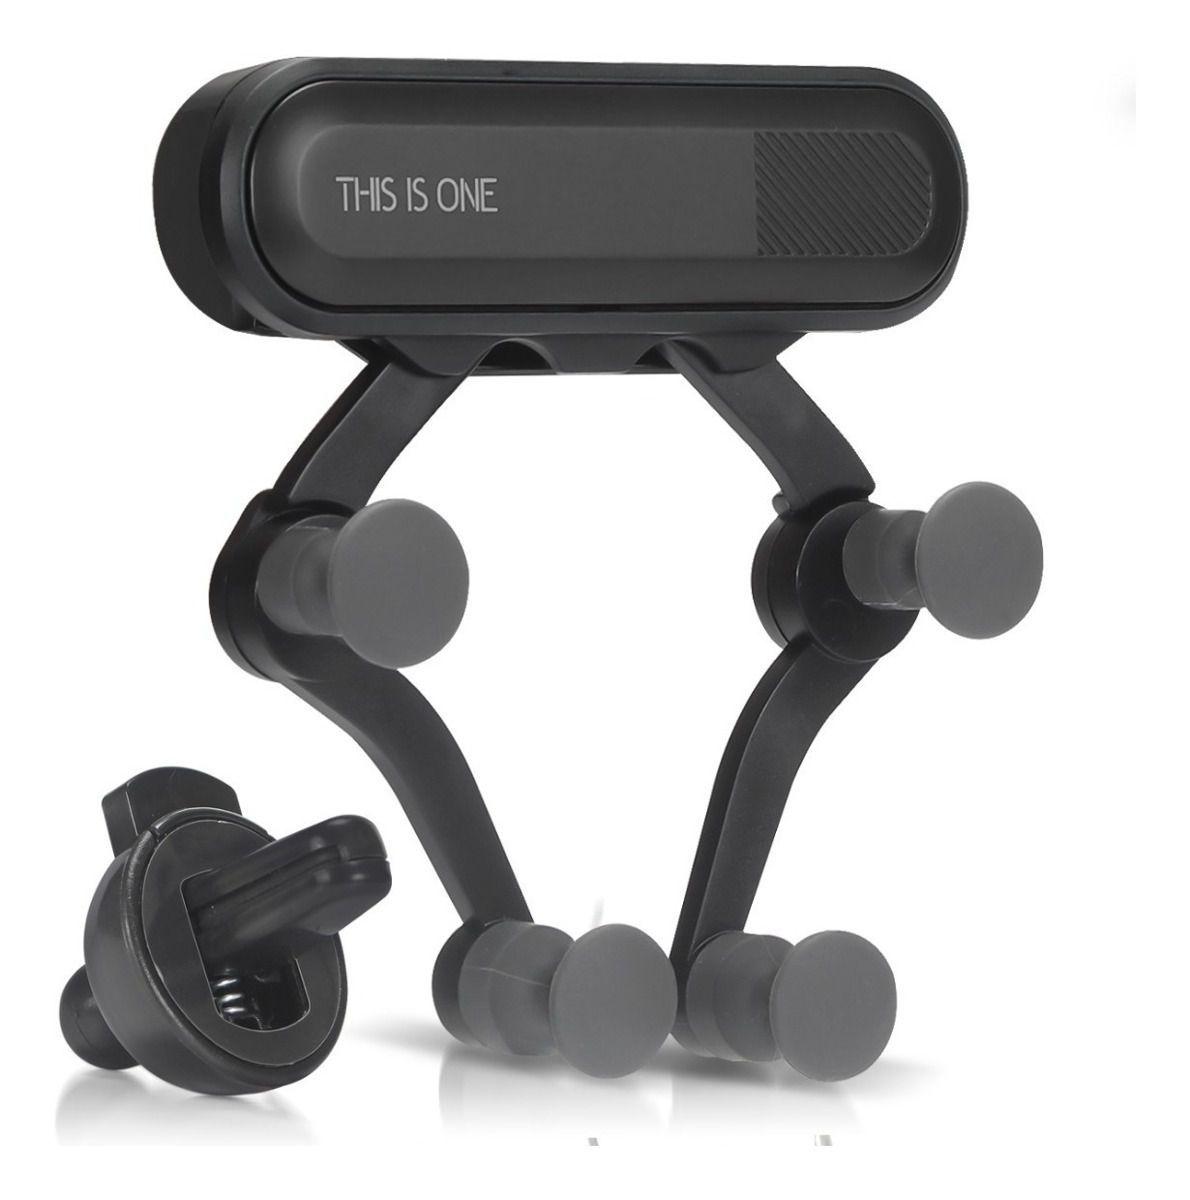 Kit 10x Suporte Veicular para Smartphone Automático Car Holder